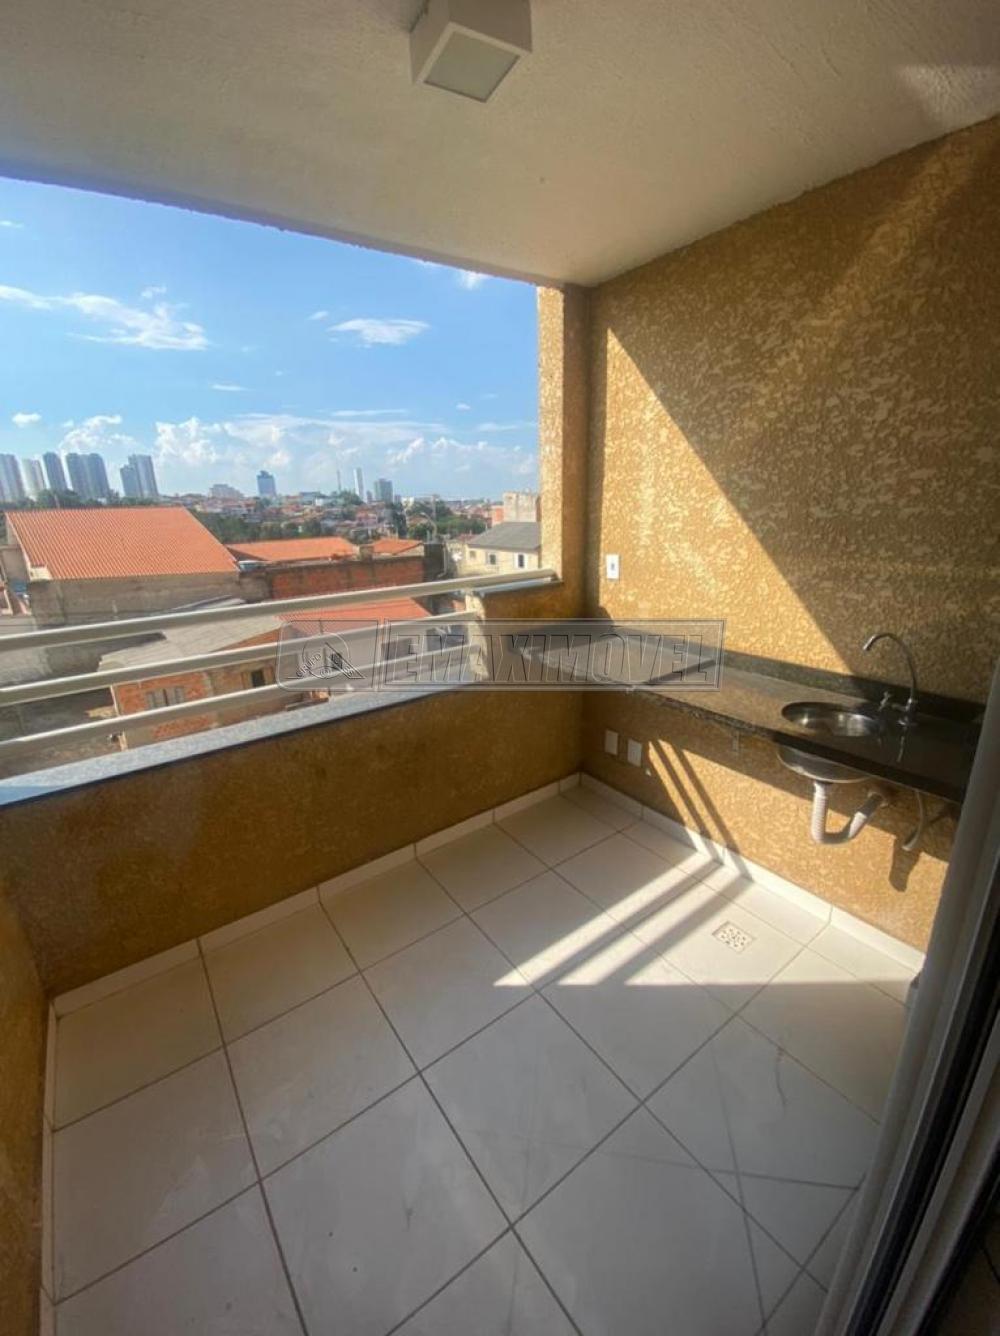 Alugar Casa / em Condomínios em Votorantim R$ 1.200,00 - Foto 3